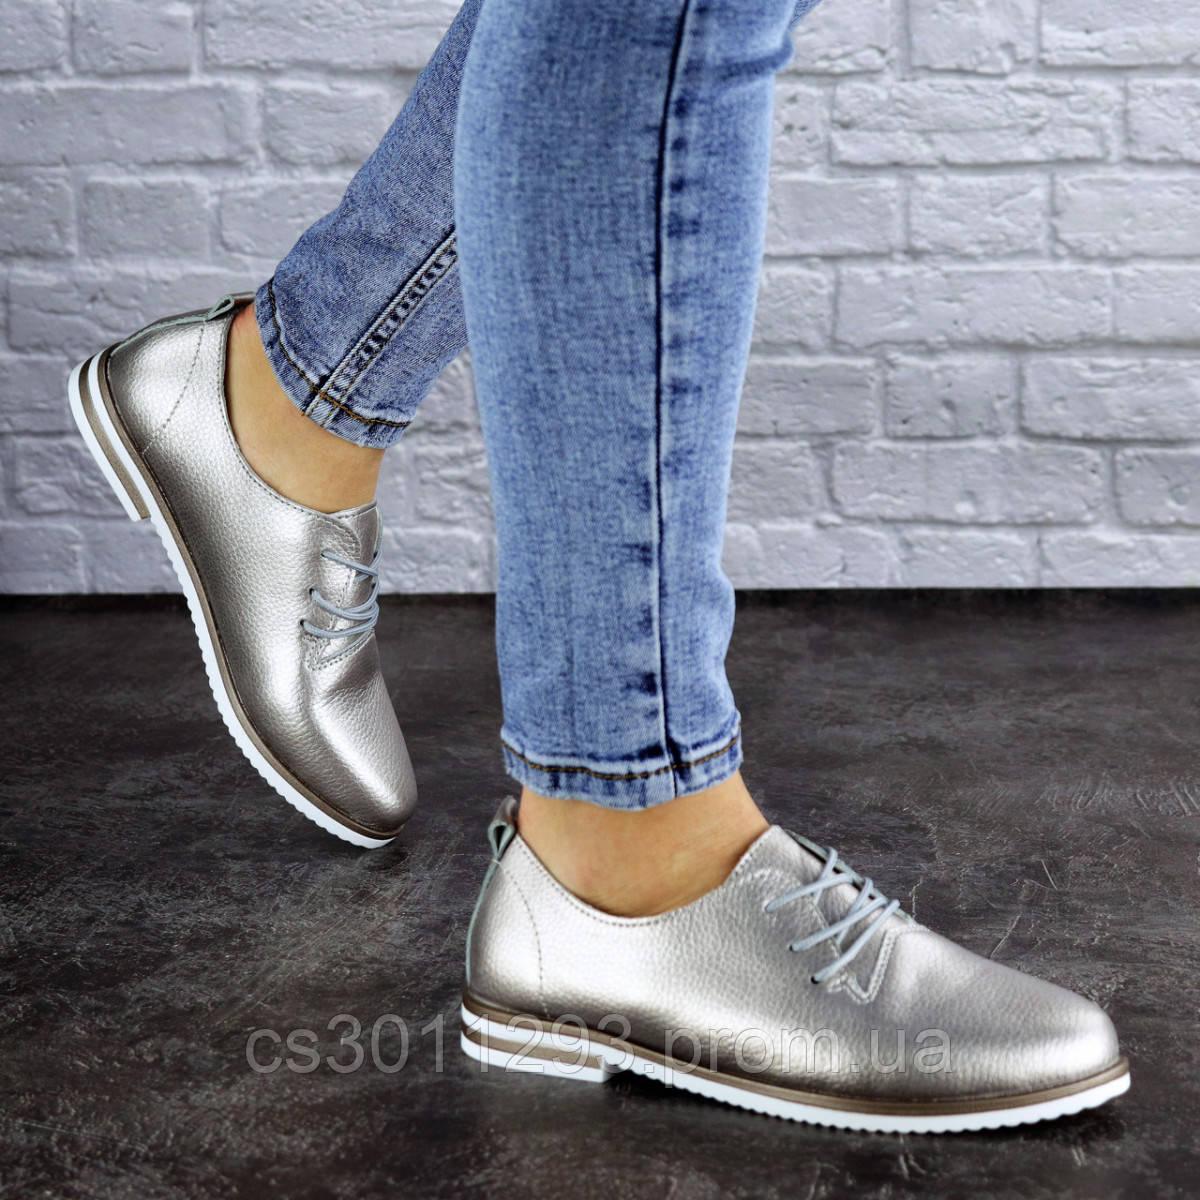 Женские туфли кожанные серебристые Cisco 1927 (39 размер)